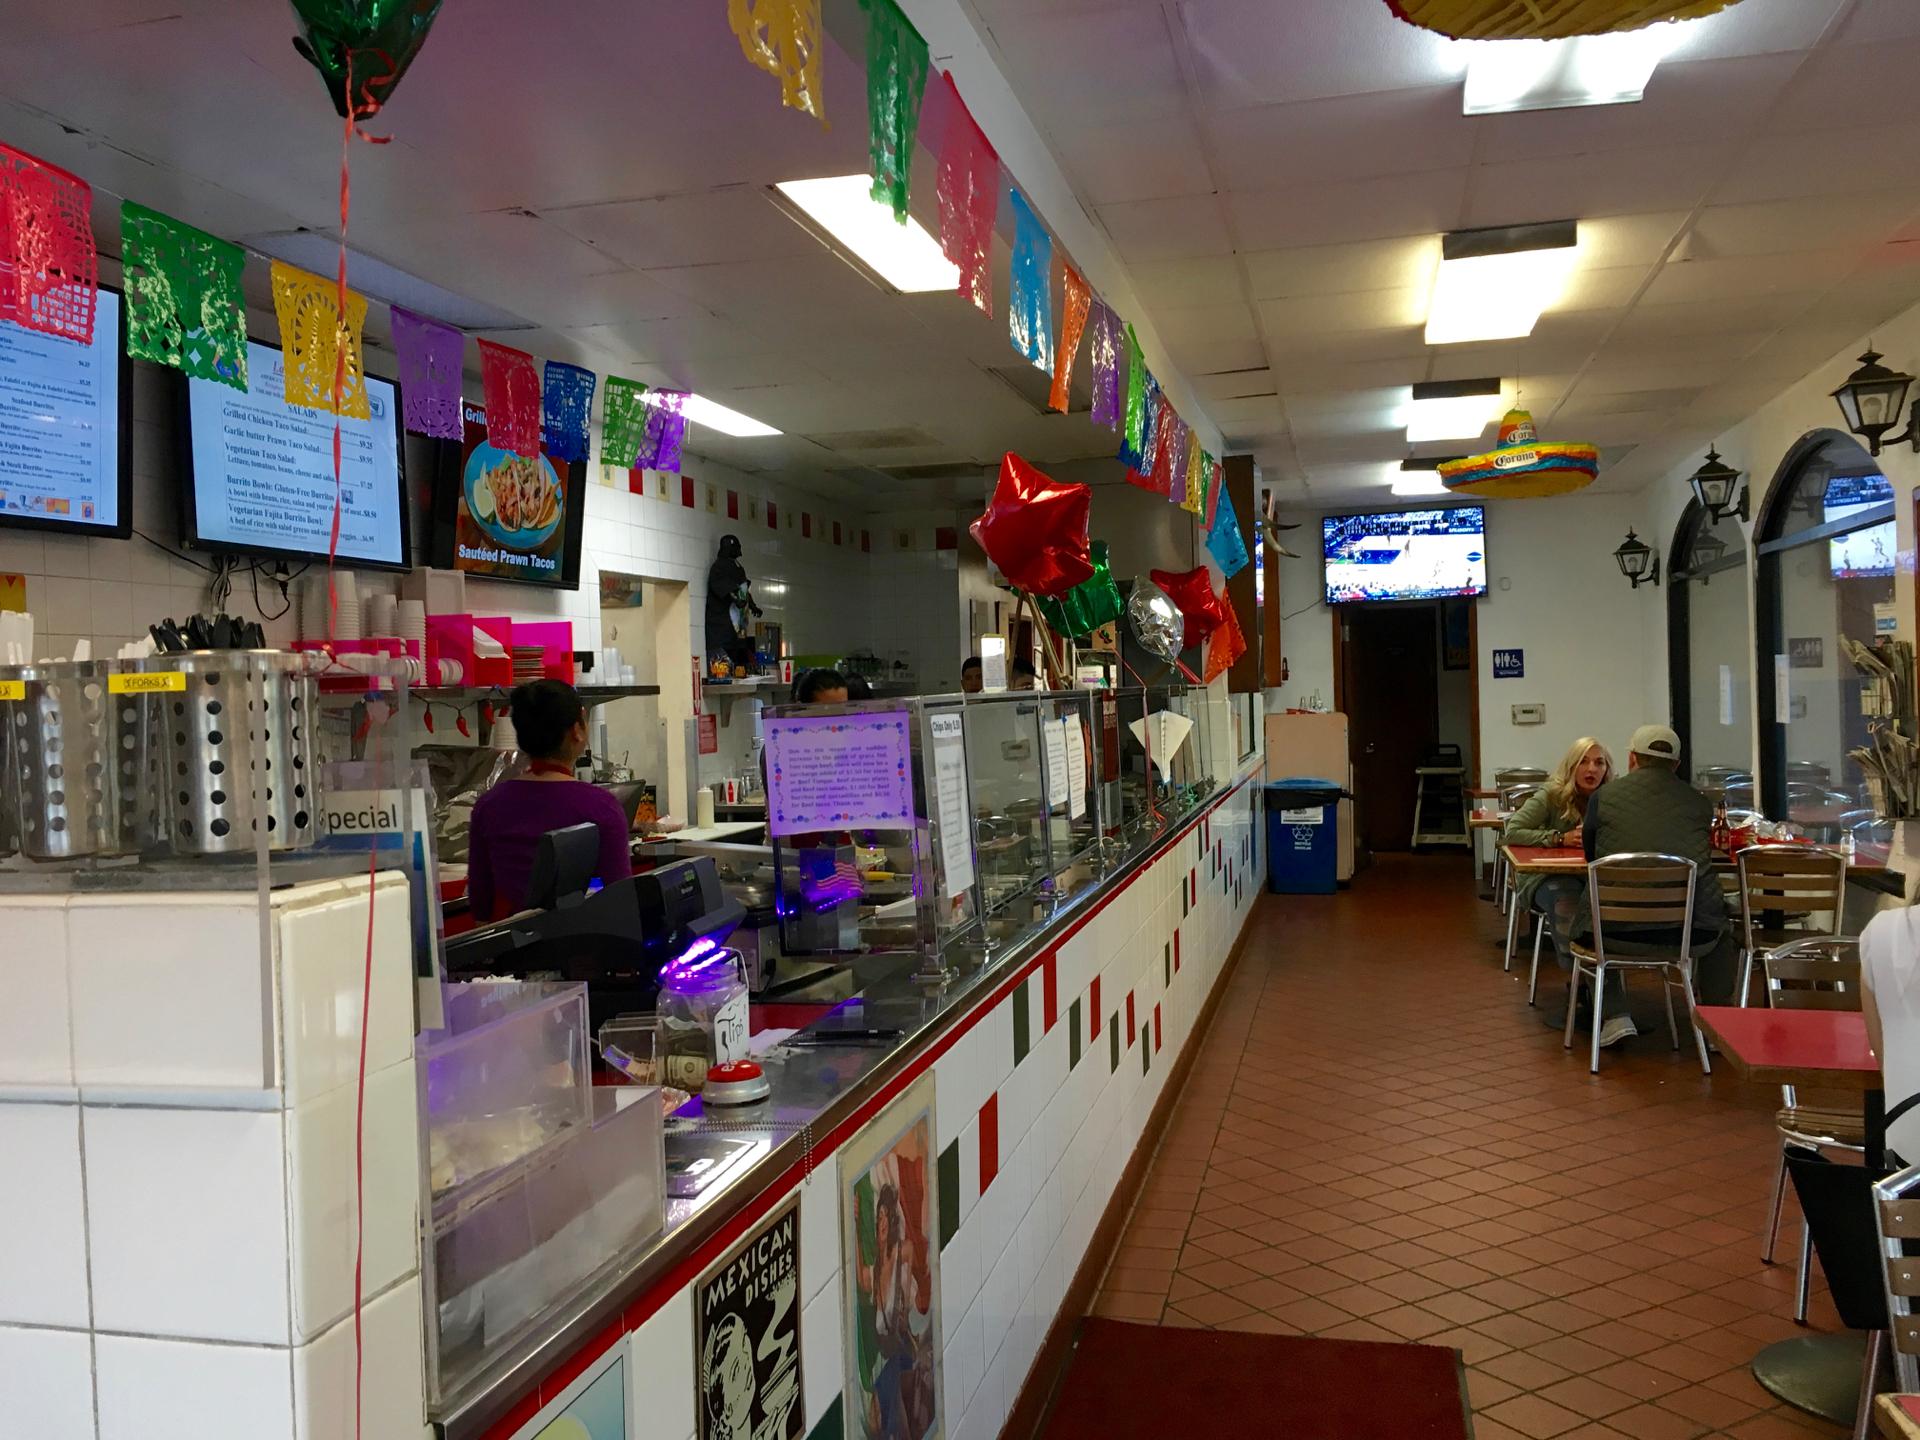 Inside Taqueria La Cumbre in San Mateo.